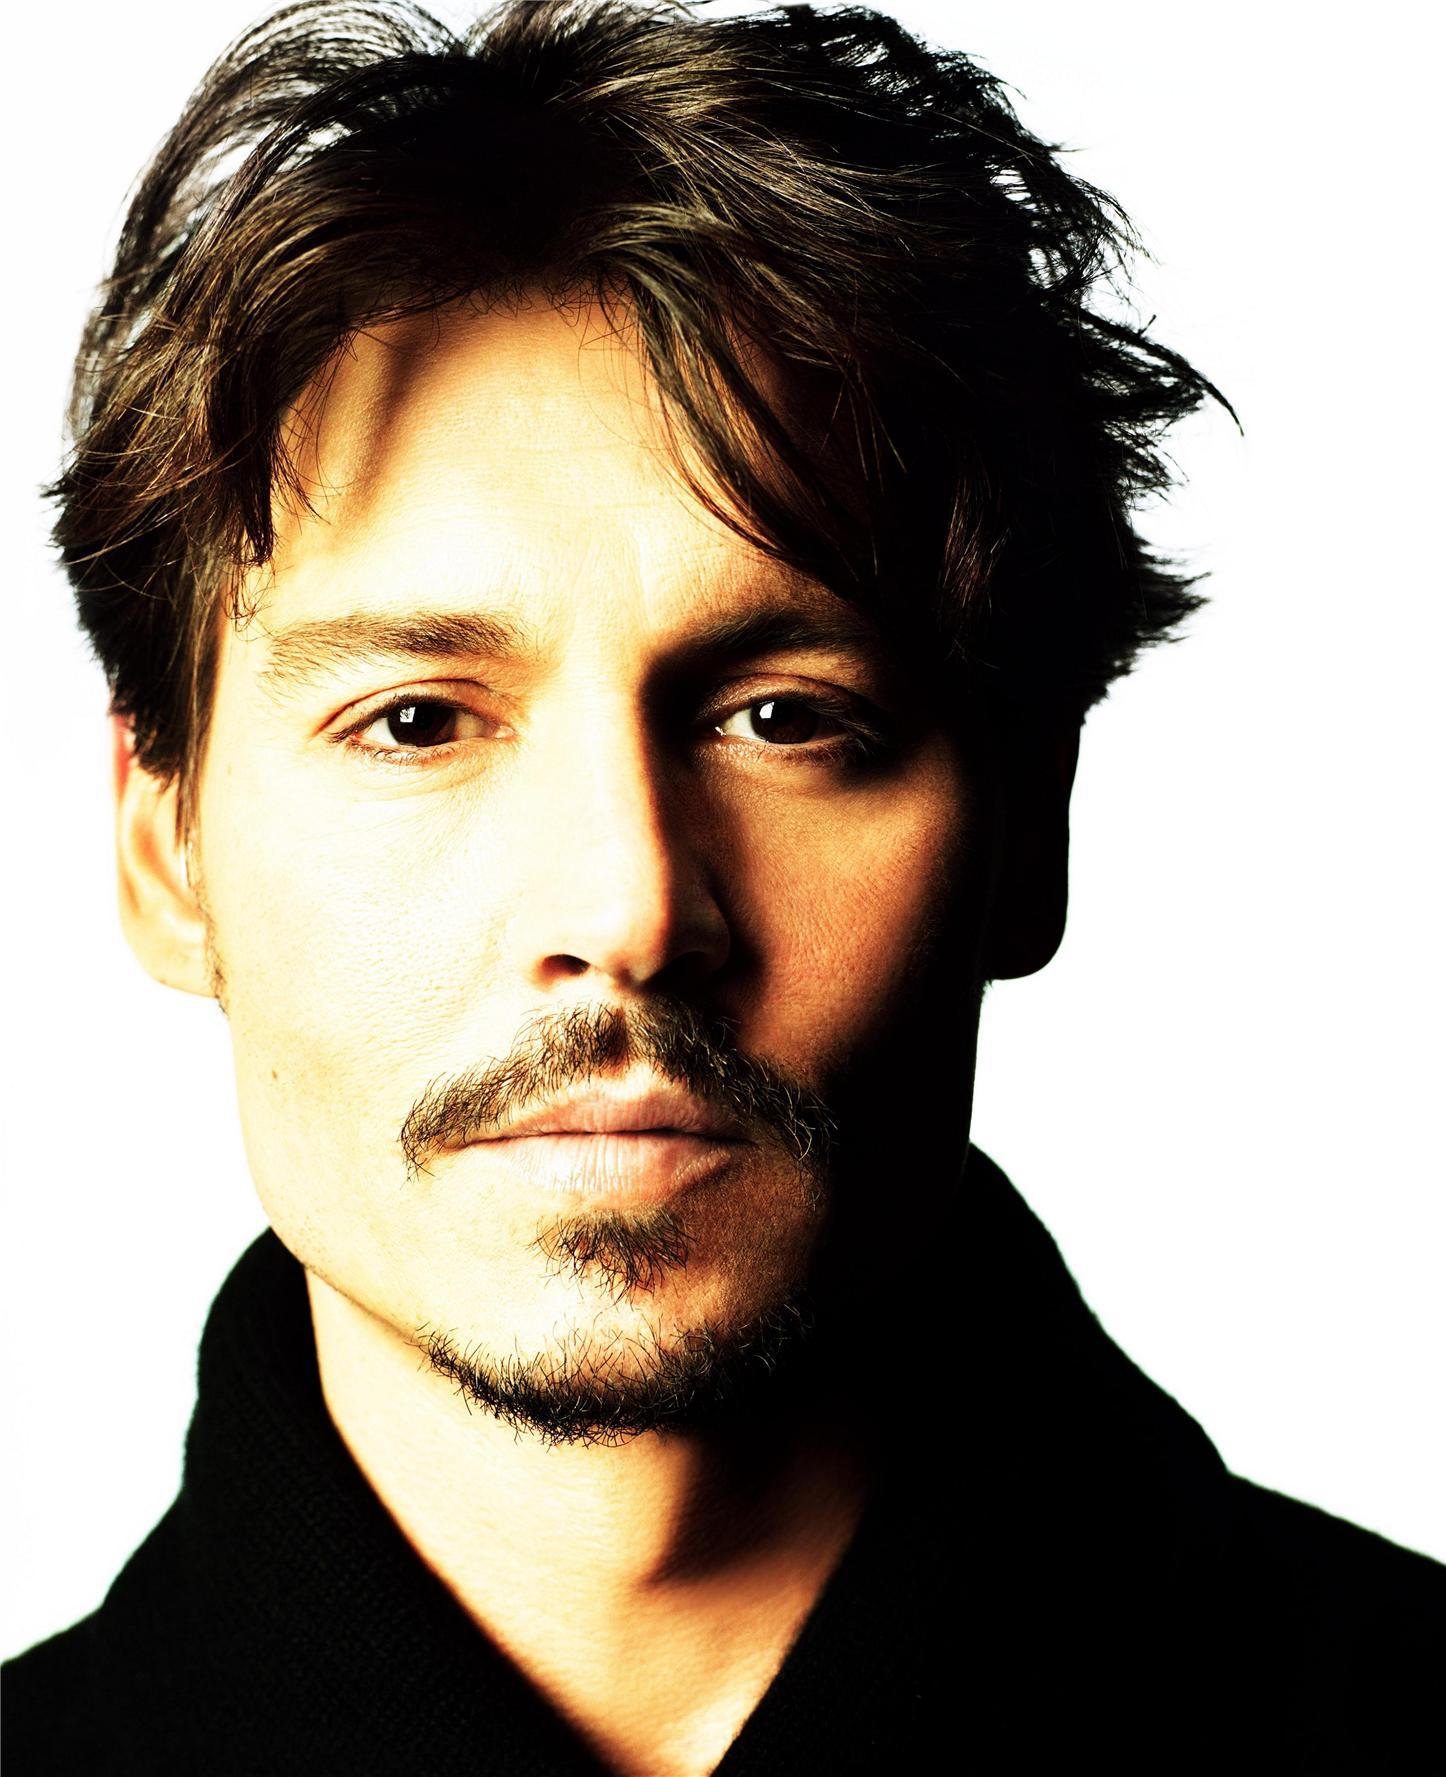 Джонни Депп / Johnny Depp by Matthew Rolston